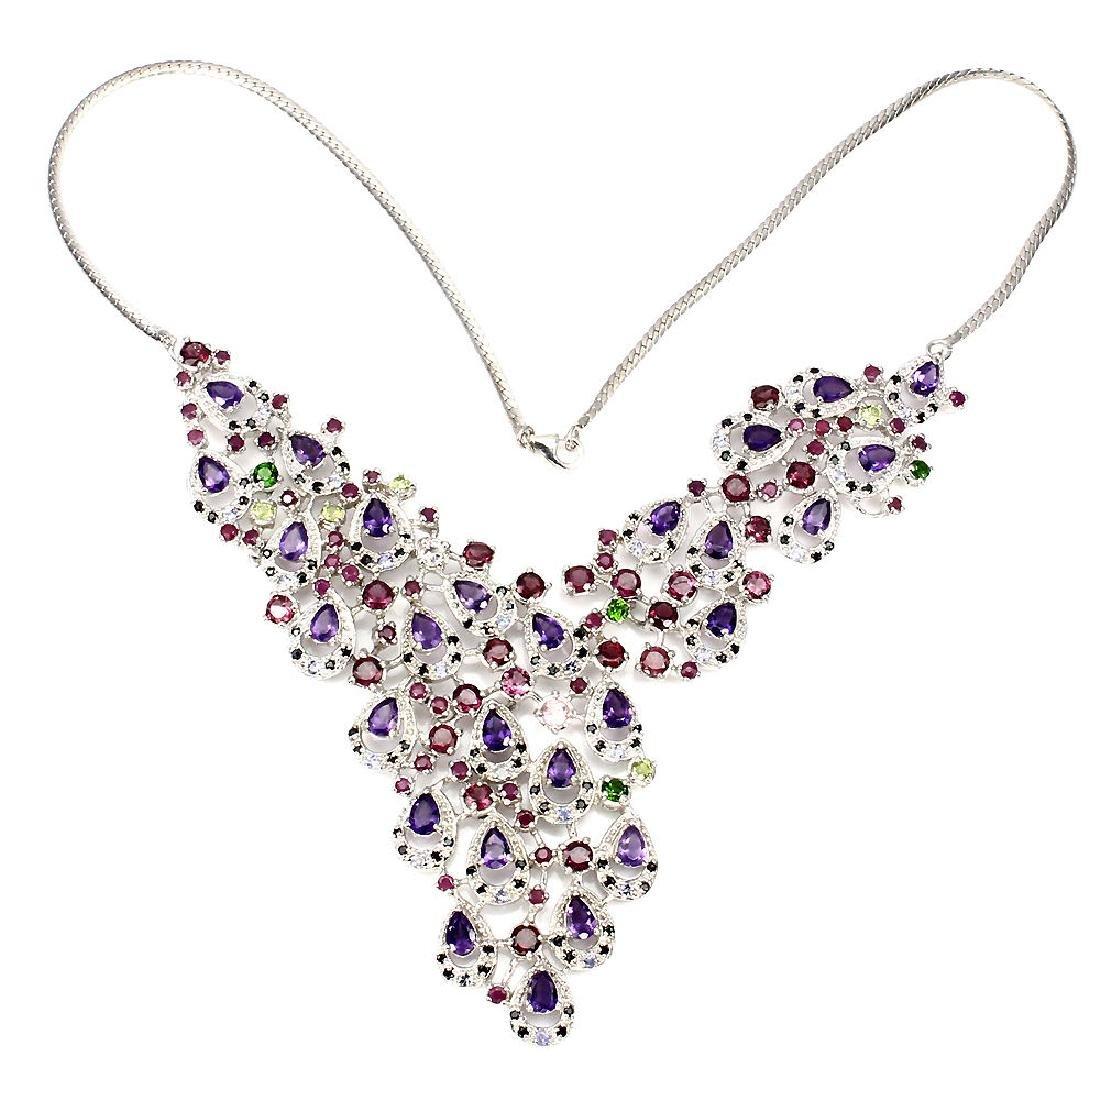 Natural Burmese Spinel & Multi Gemstones  Necklace - 2